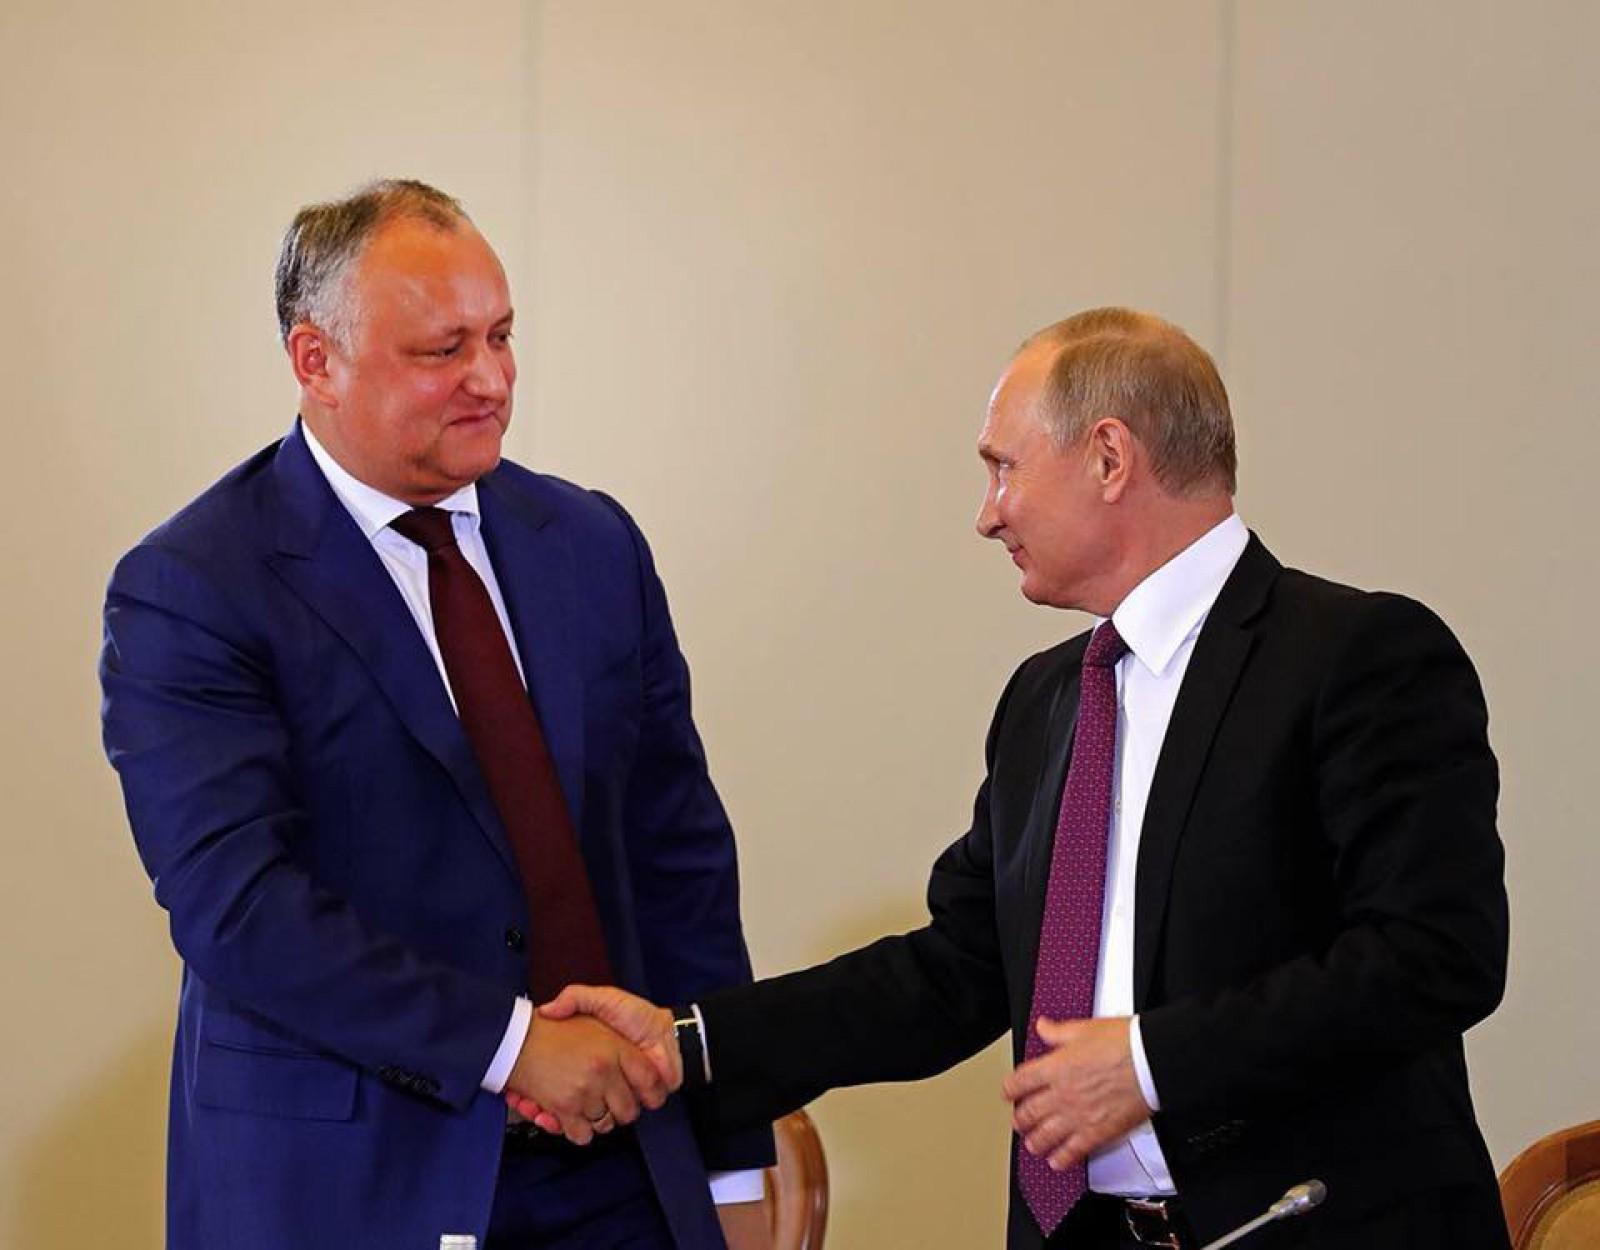 Ziarul de Gardă: Ce înseamnă pentru Moldova statutul de observator pe lângă Uniunea Euroasiatică și ce urmează